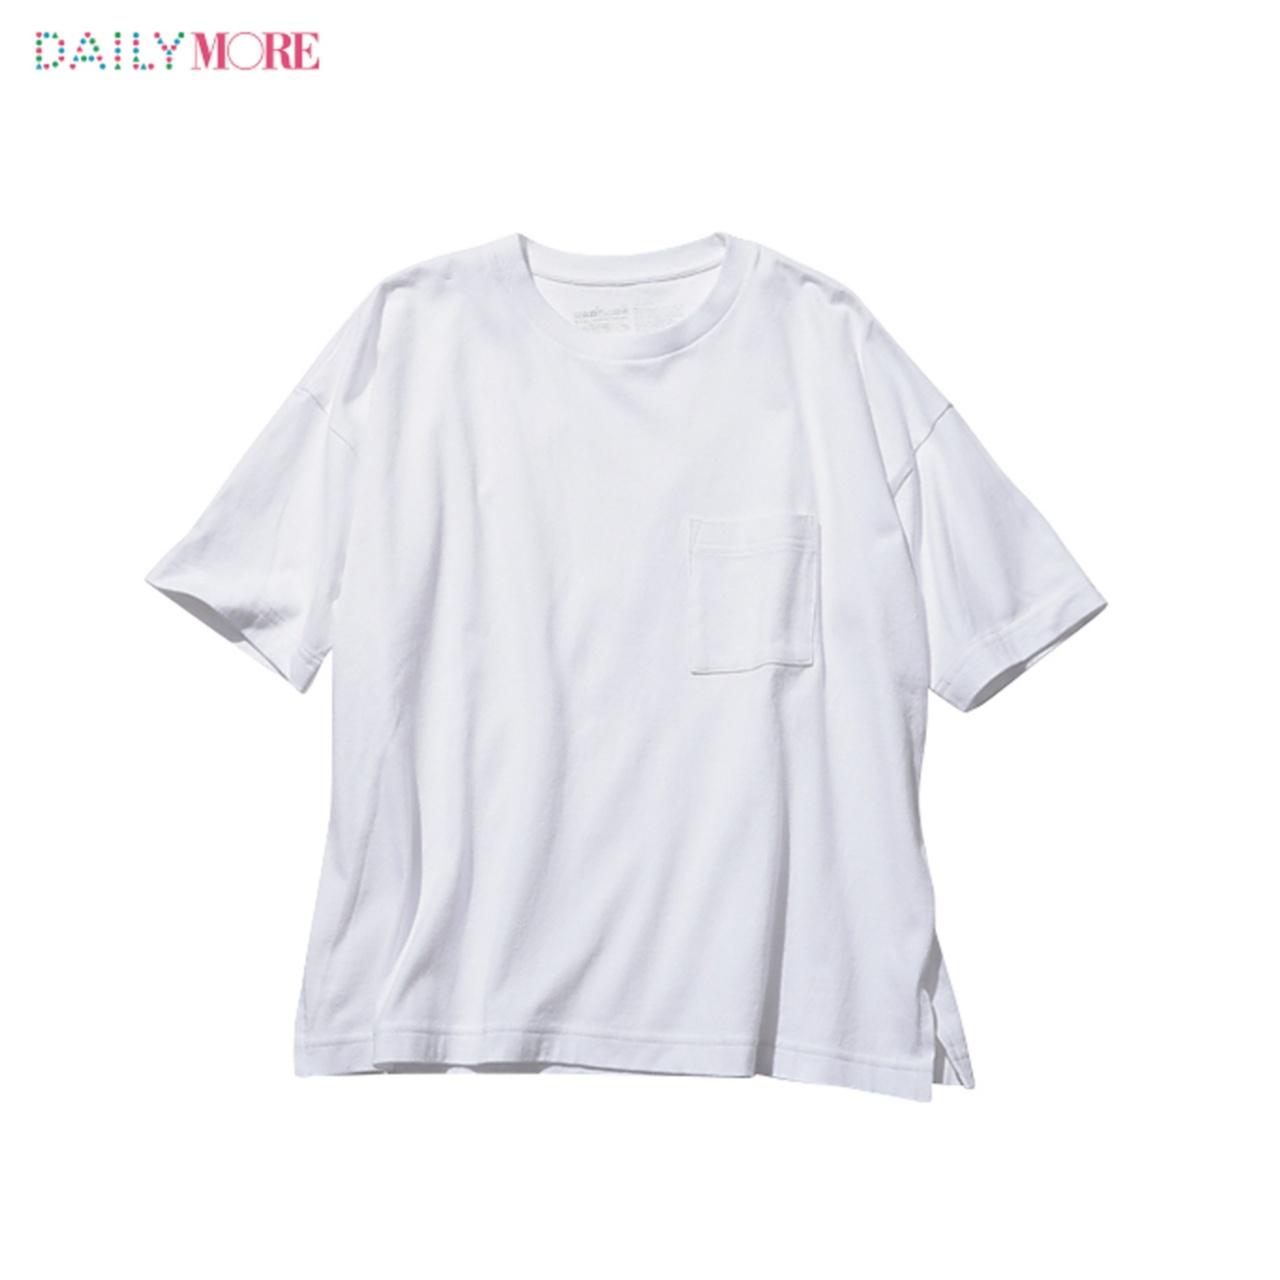 シルエットも素材もこだわりまくりの4タイプ!!【無印良品】の白Tシャツのここがスゴイ!_2_2